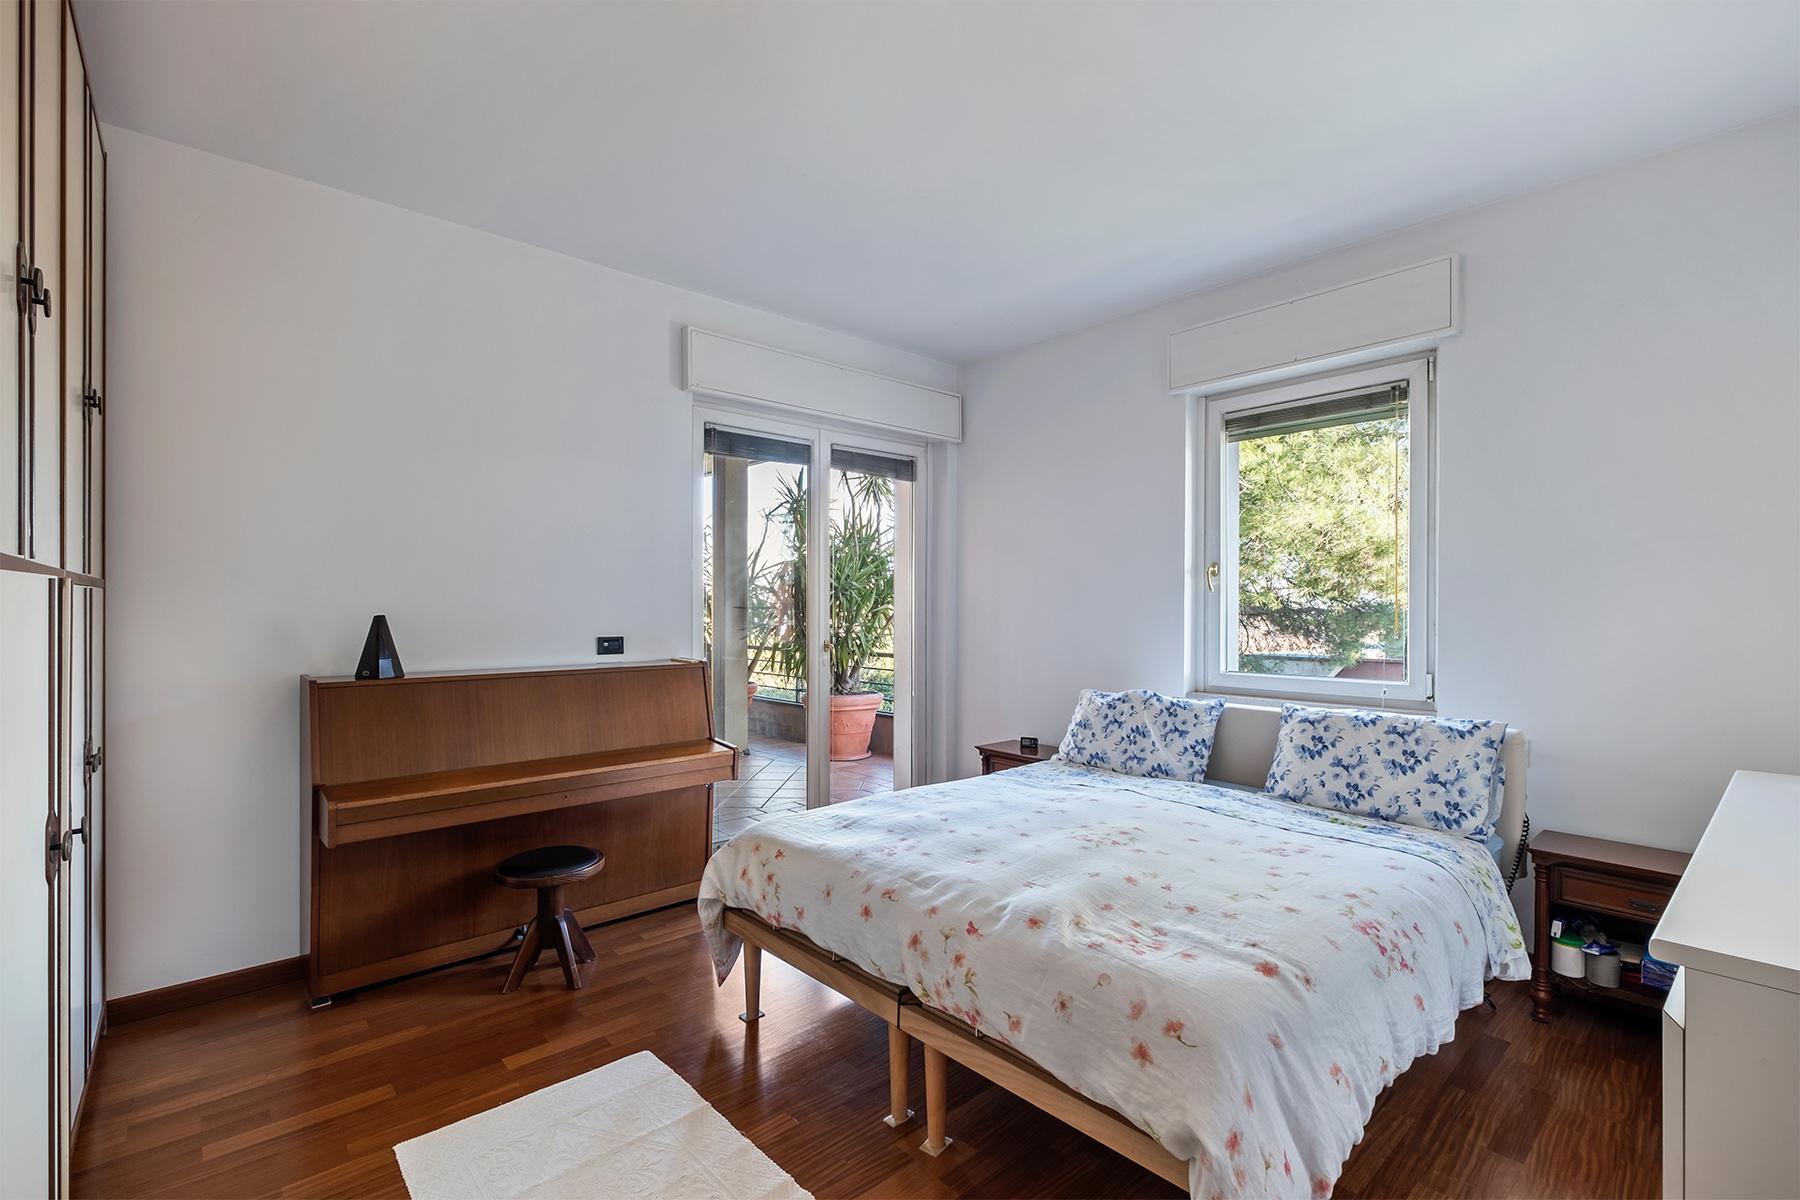 Appartamento in Vendita a Desenzano Del Garda: 5 locali, 170 mq - Foto 9